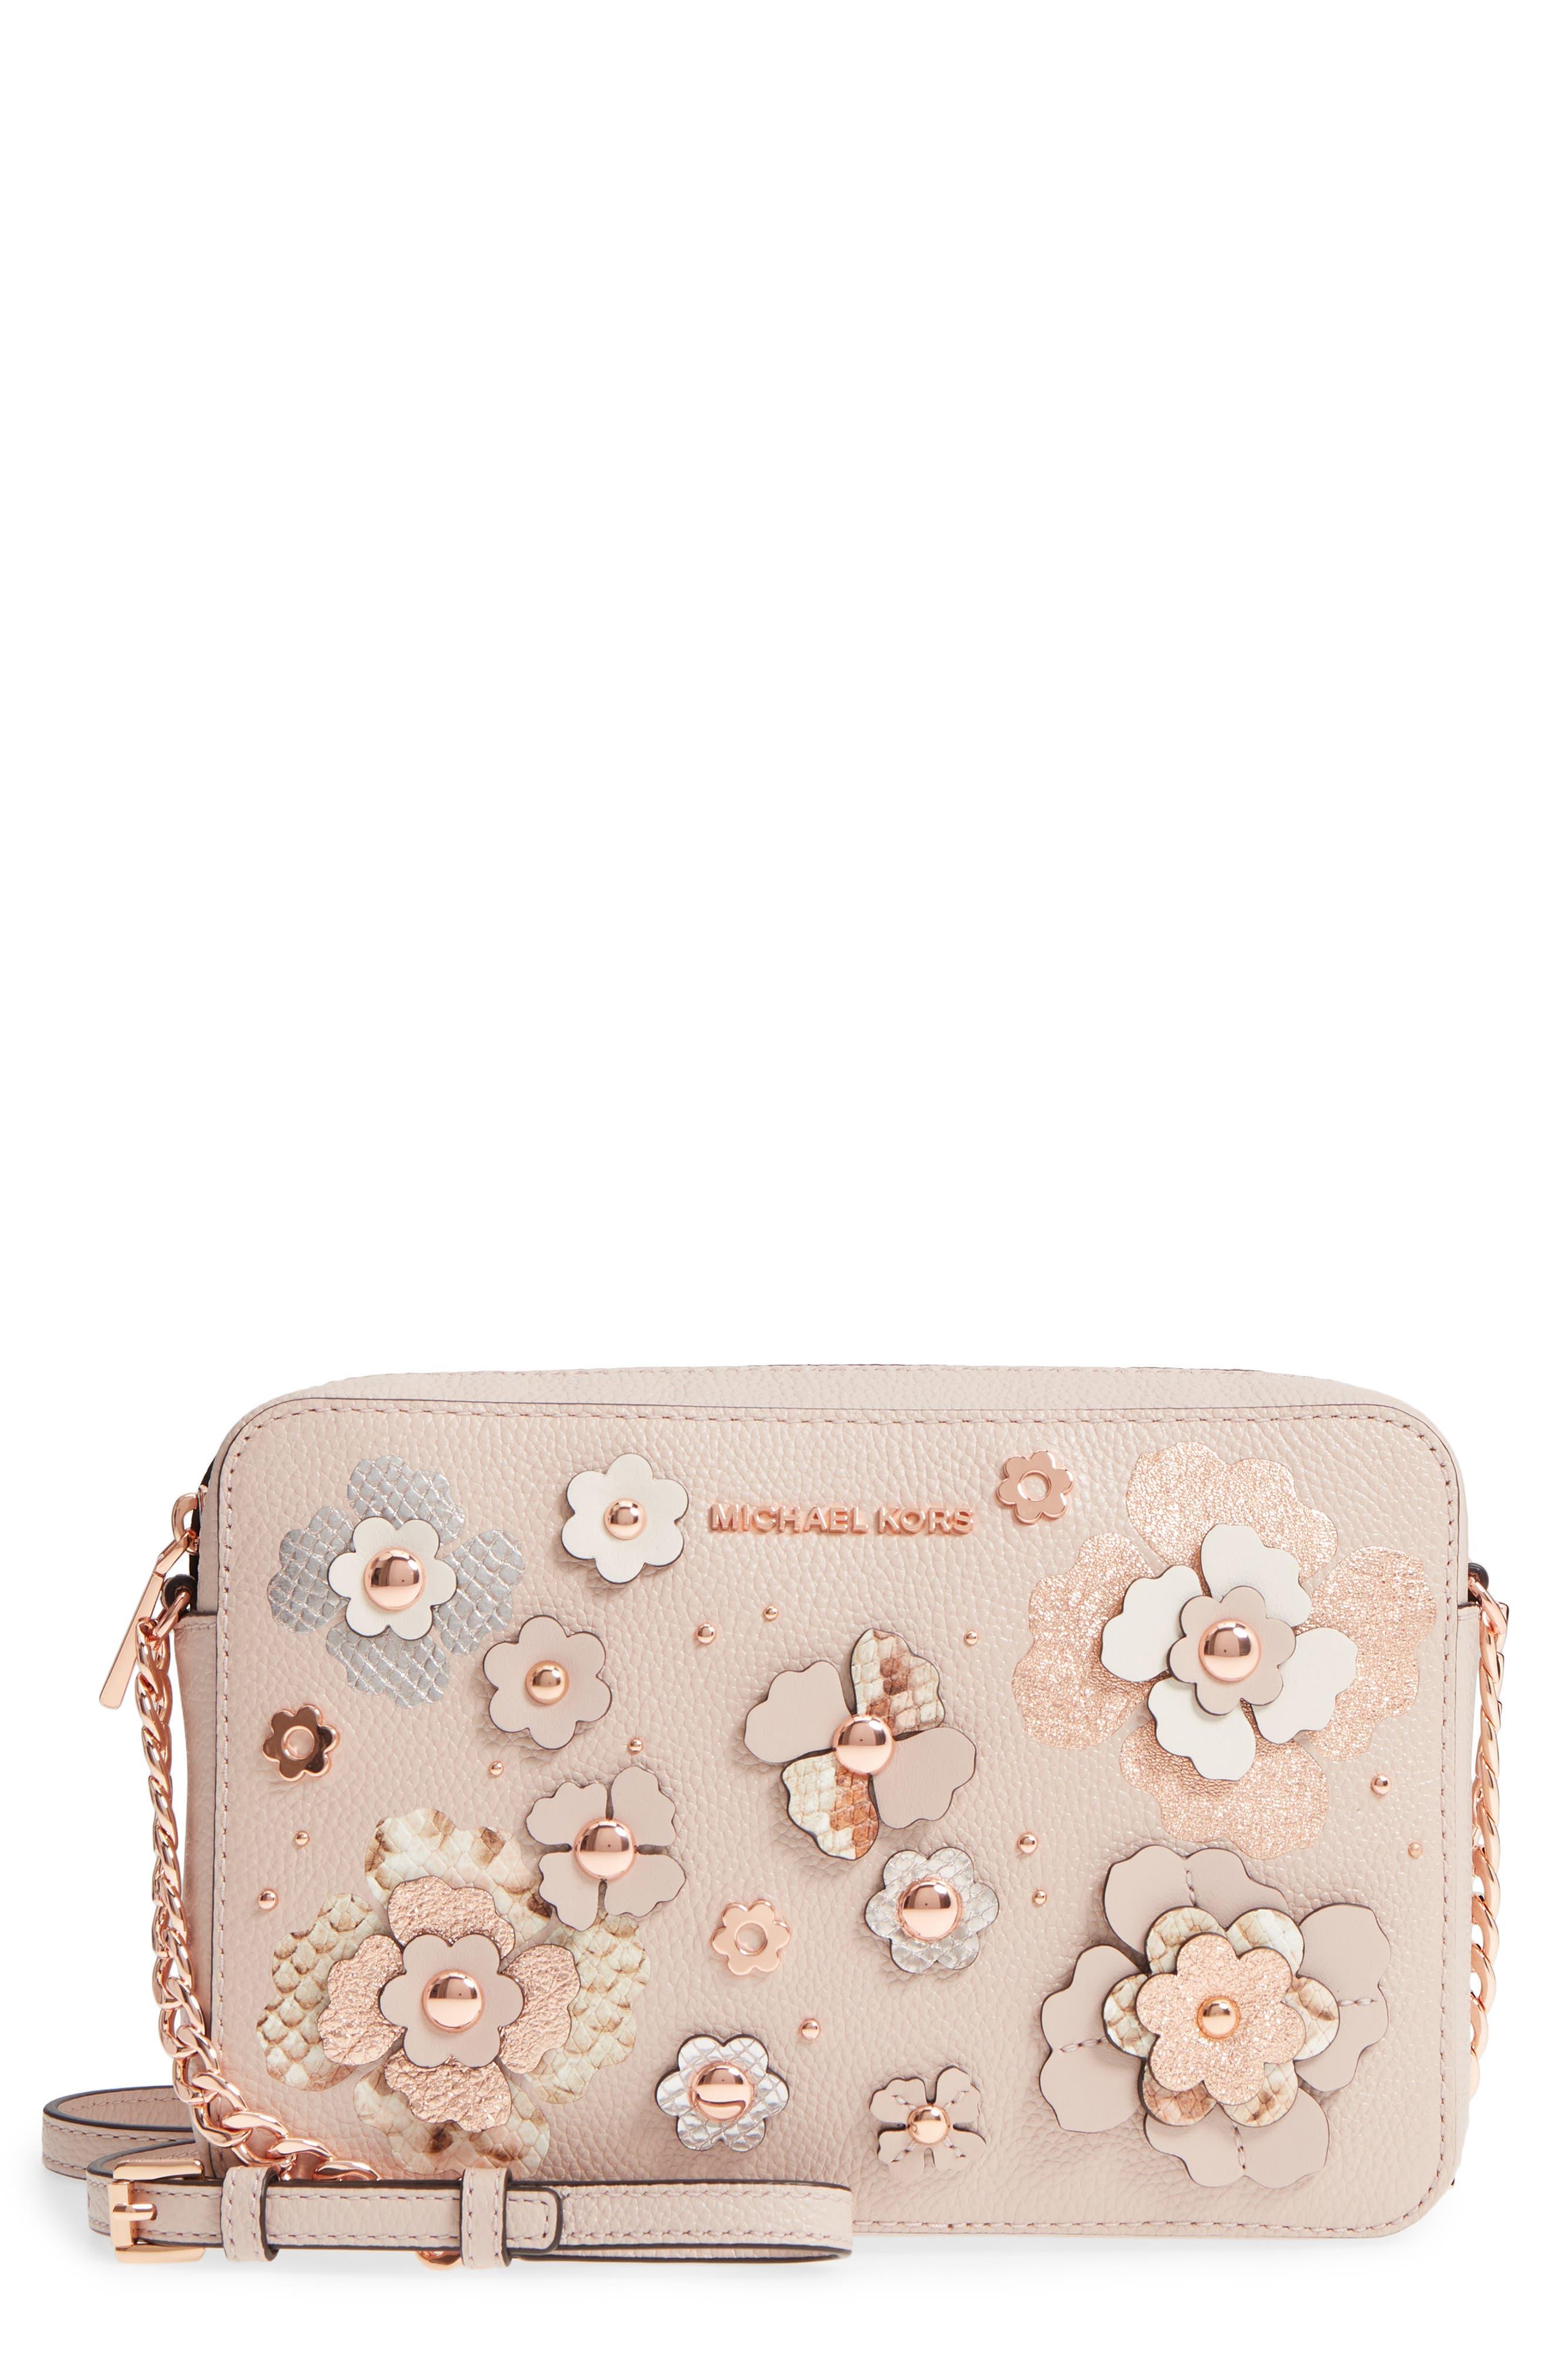 MICHAEL Michael Kors Jet Set Floral Embellished Leather Crossbody Bag